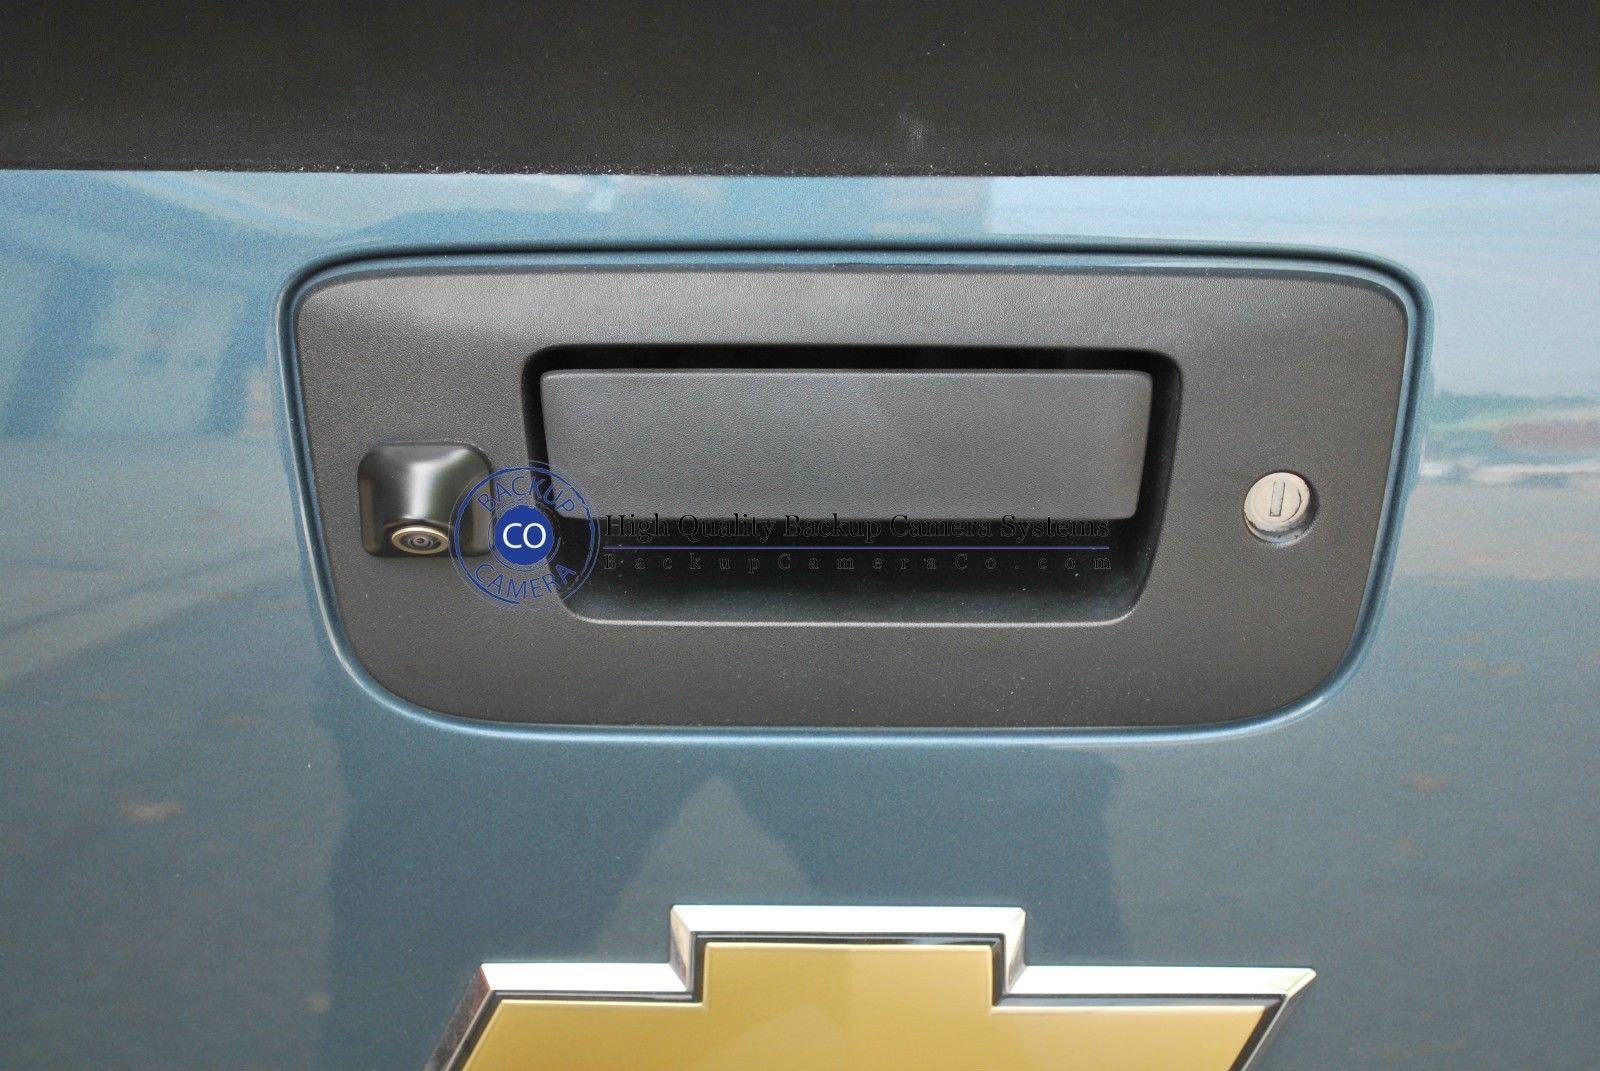 Tailgate Handle Backup Camera Kit For 2007 2014 Chevy Silverado Gmc Sierra Ebay 2014 Chevy Chevy Silverado Chevy